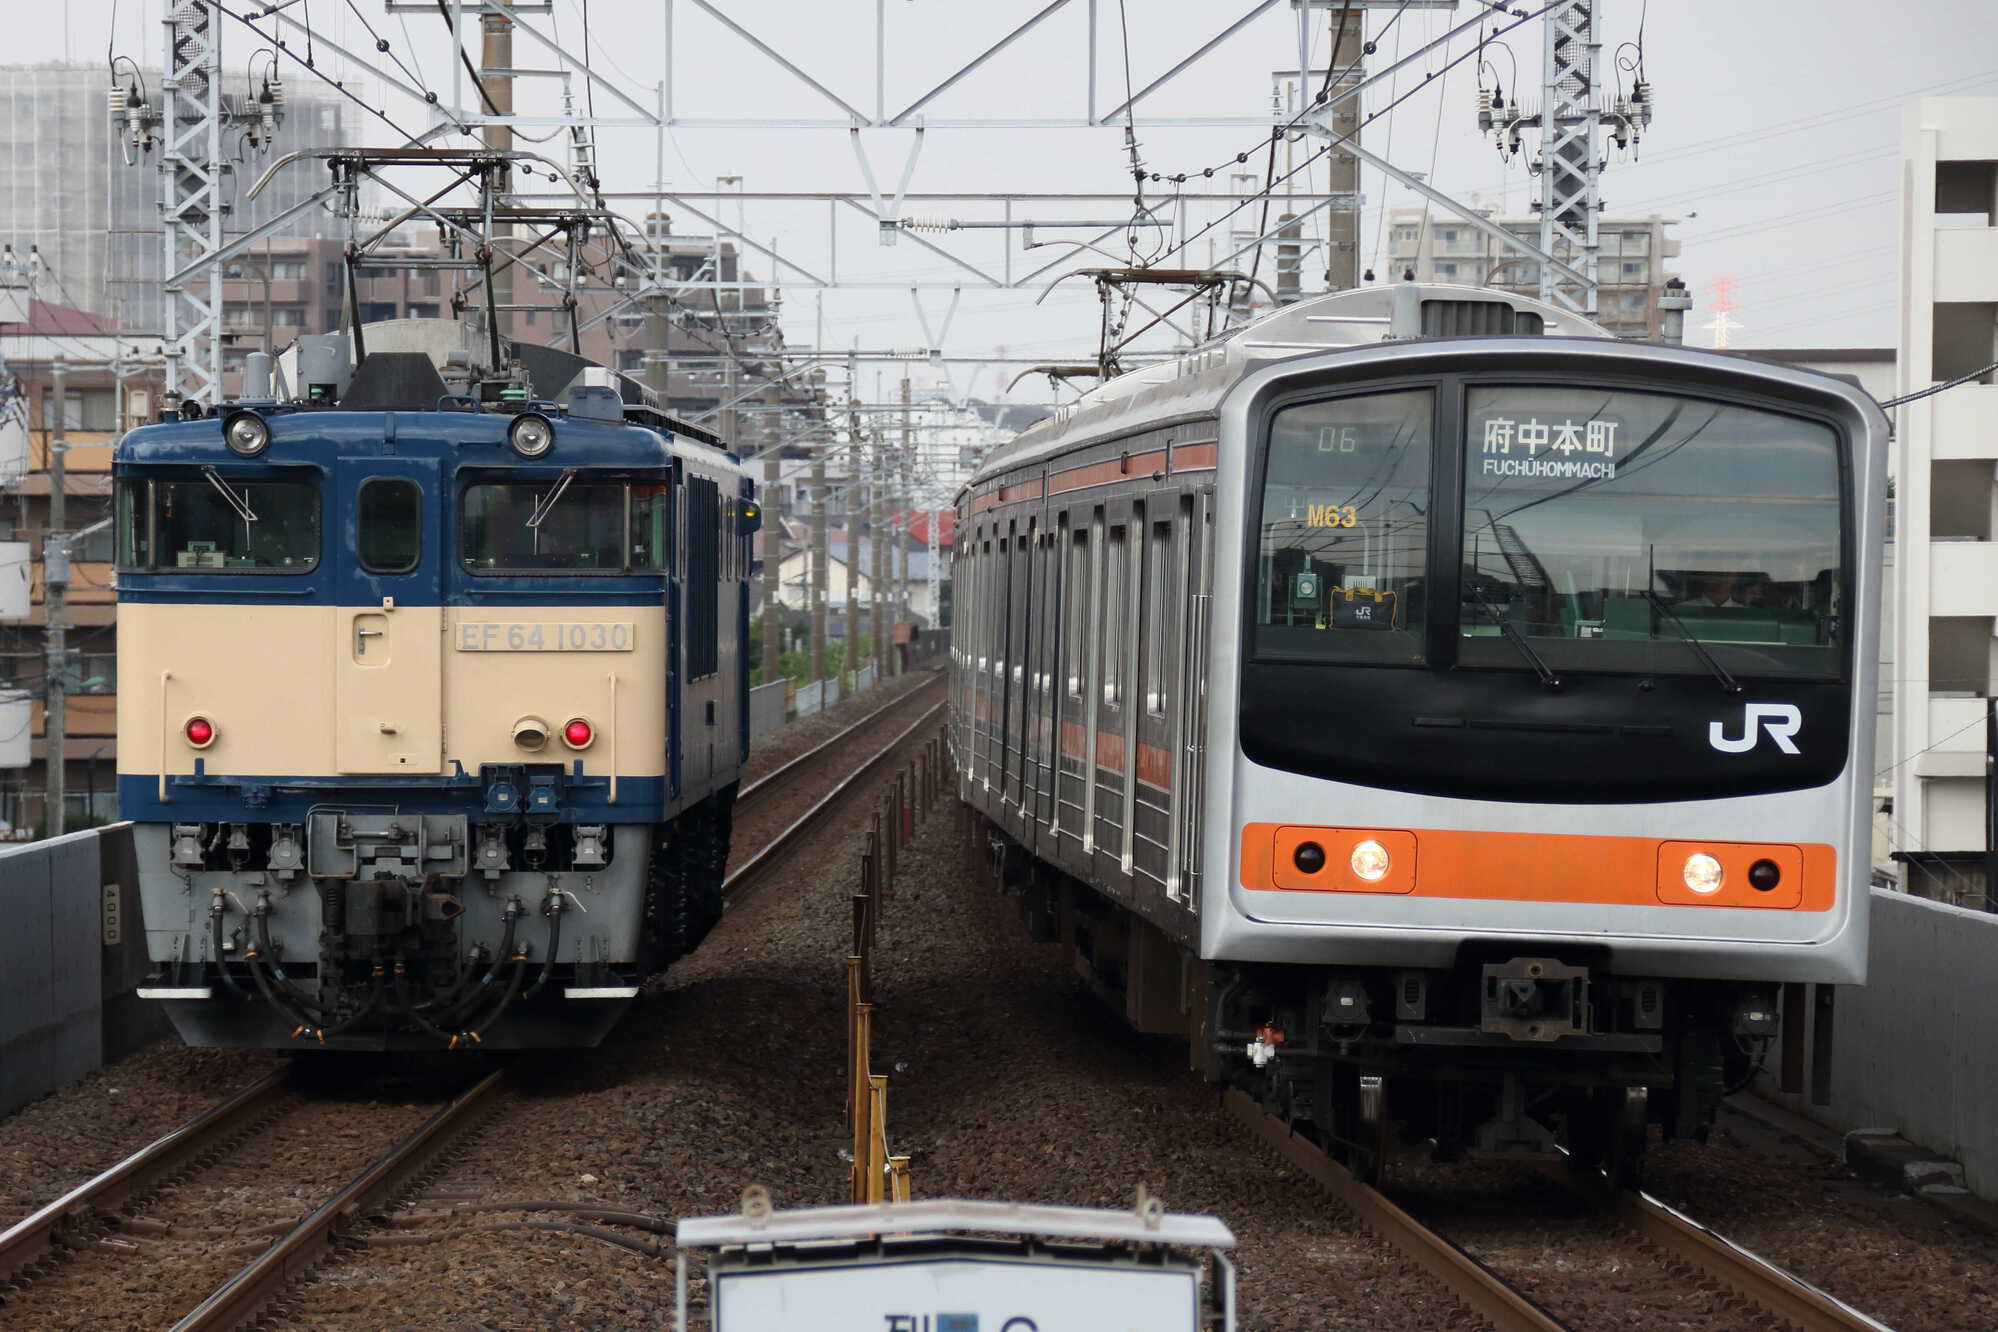 単9565列車 長野配給牽引機返却 EF64-1030(ナカ方②) / 1406E 205系 千ケヨM63編成